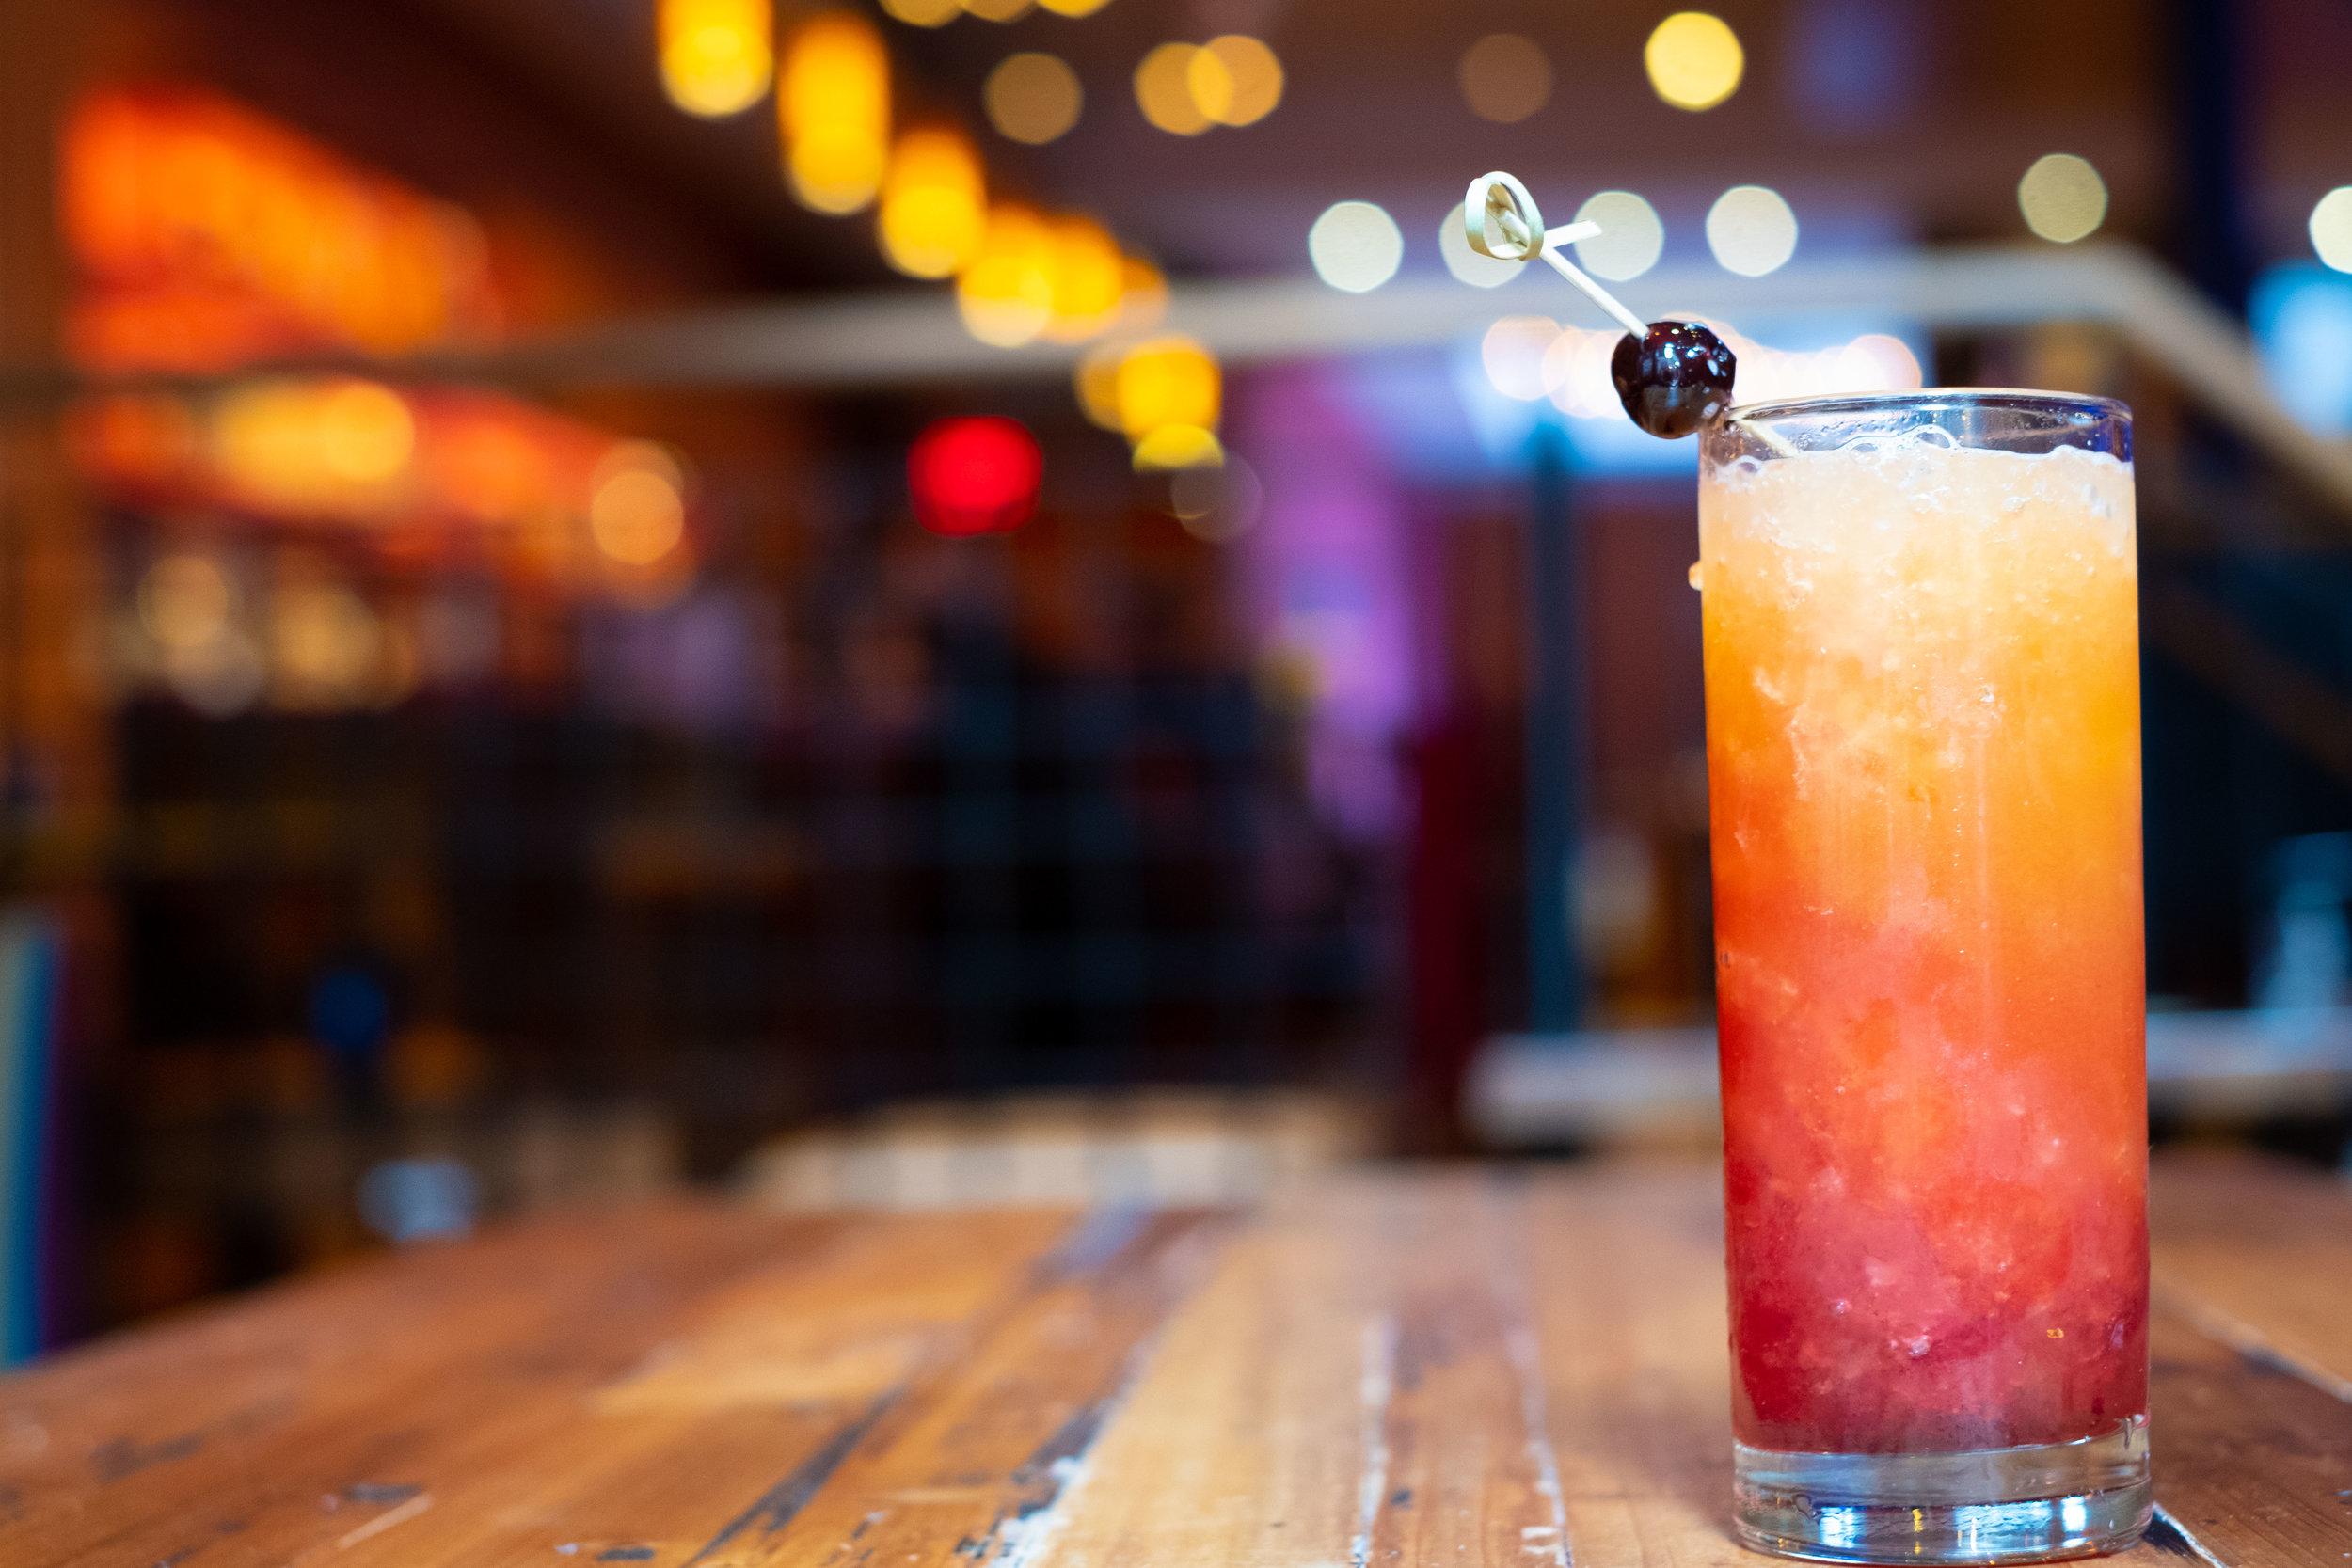 rosa-meXIcano-cocktail-photography-jakee-zaccor